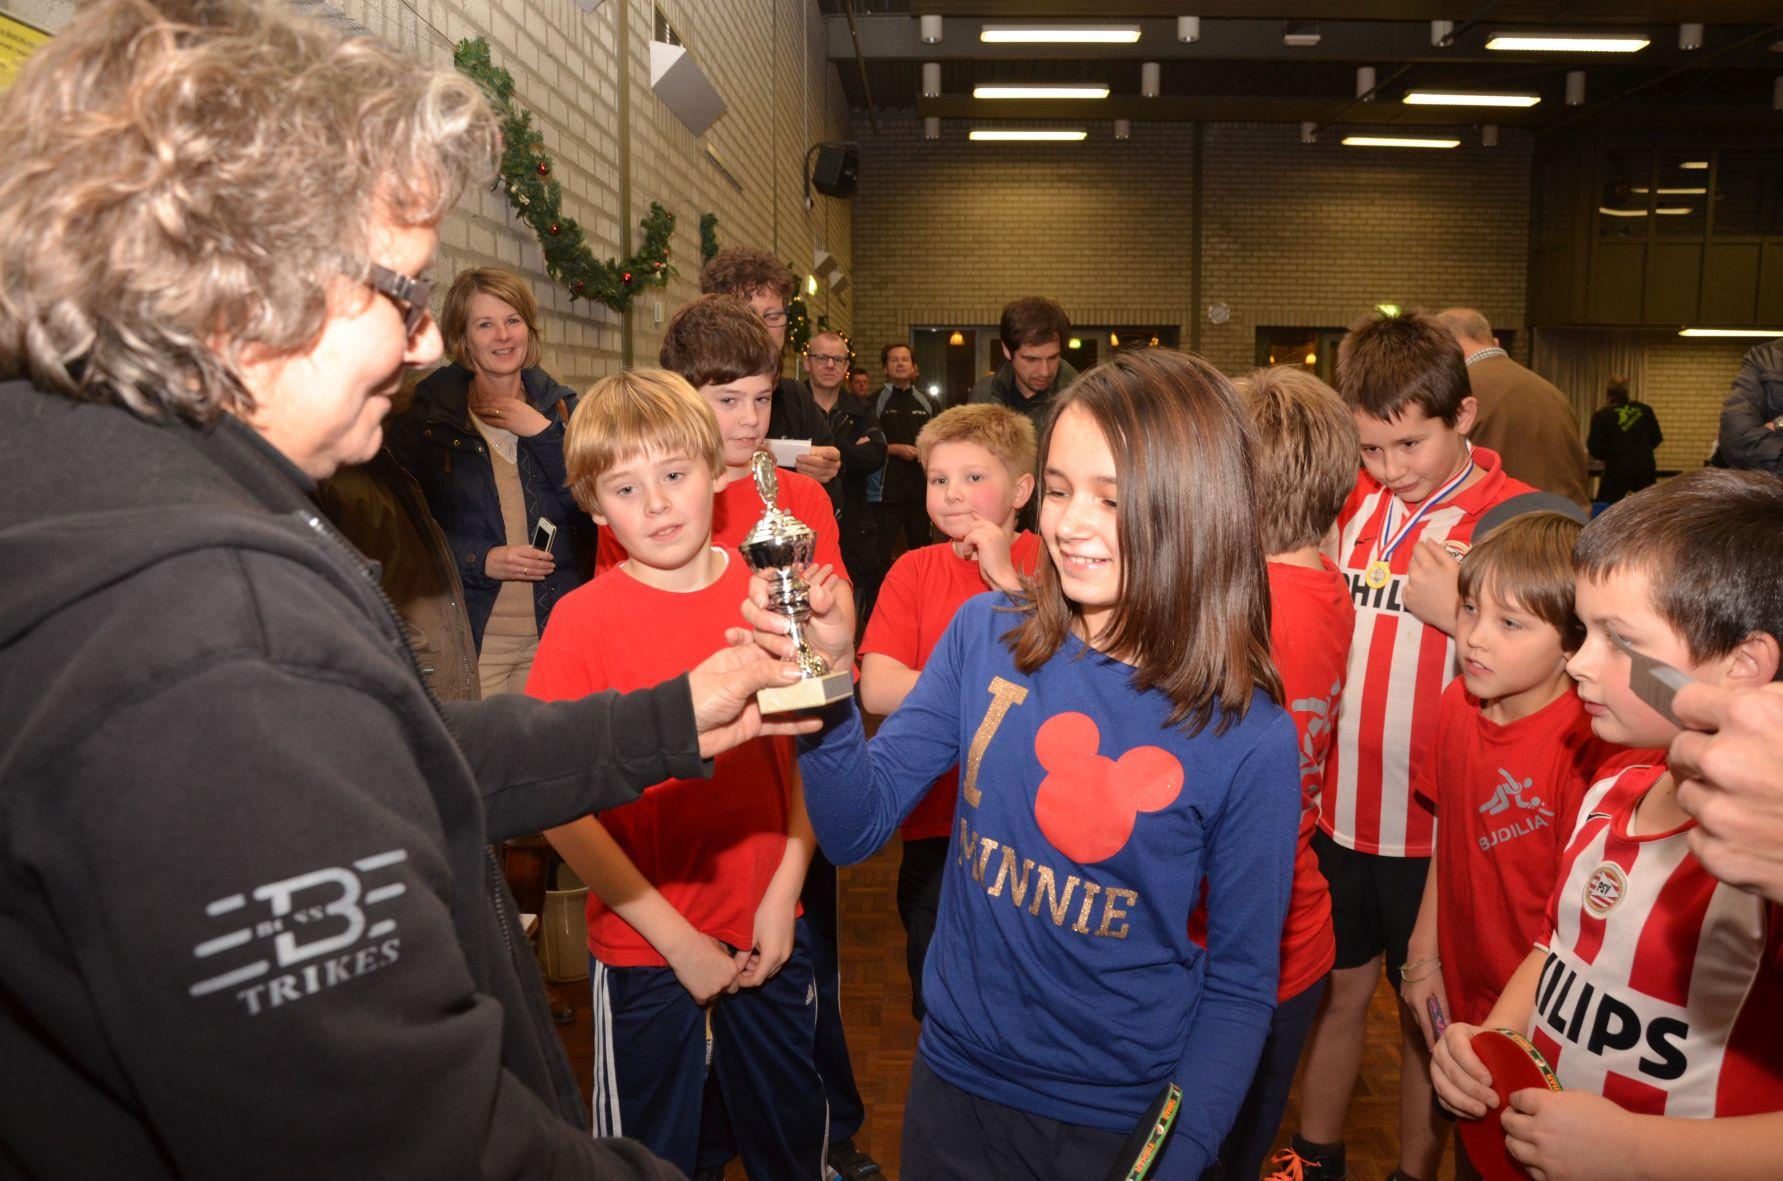 clubkampioenschappen 2013 (10 van 22)